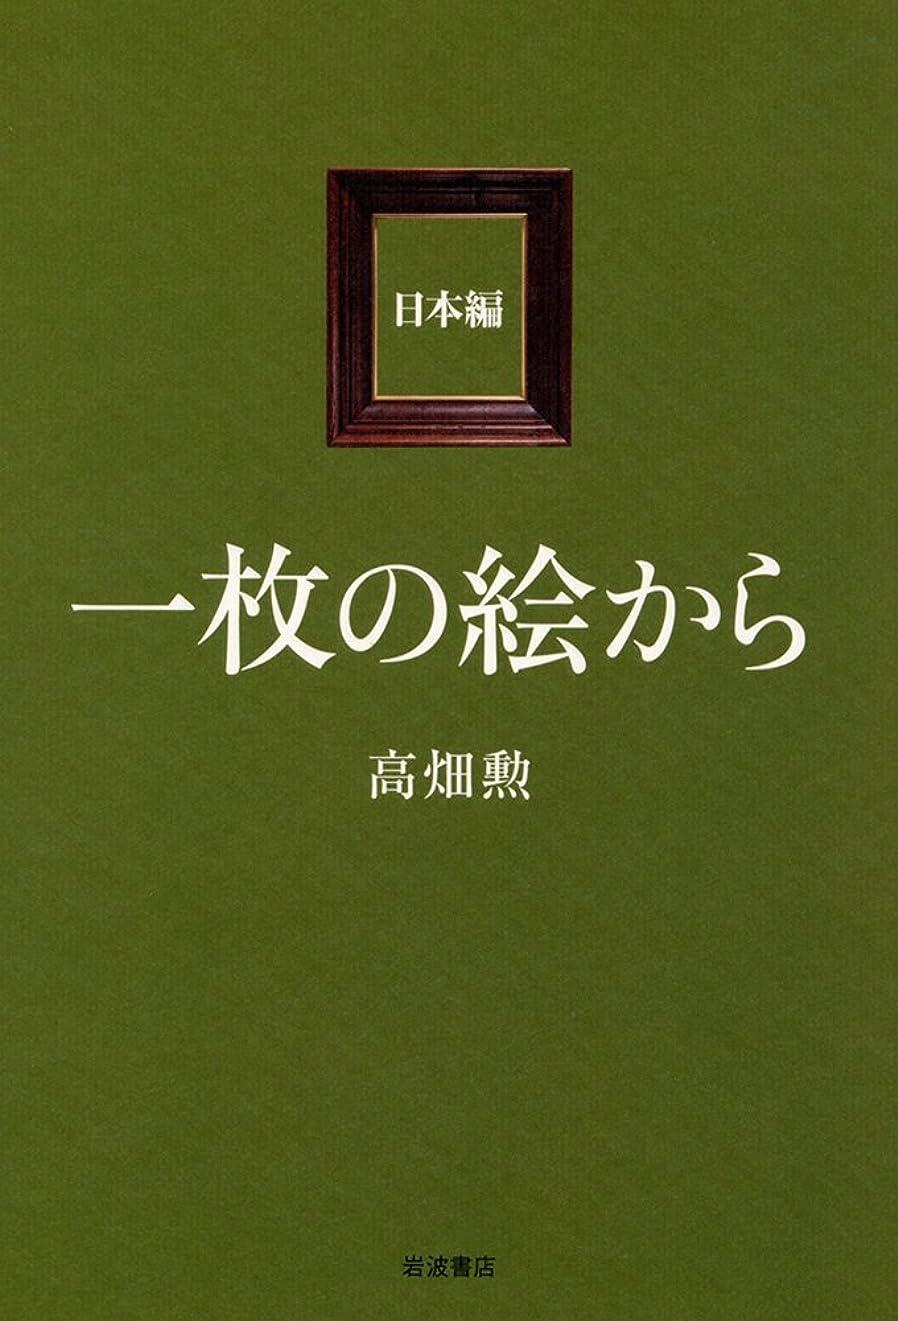 着替えるオーケストラつらい日本画 名作から読み解く技法の謎